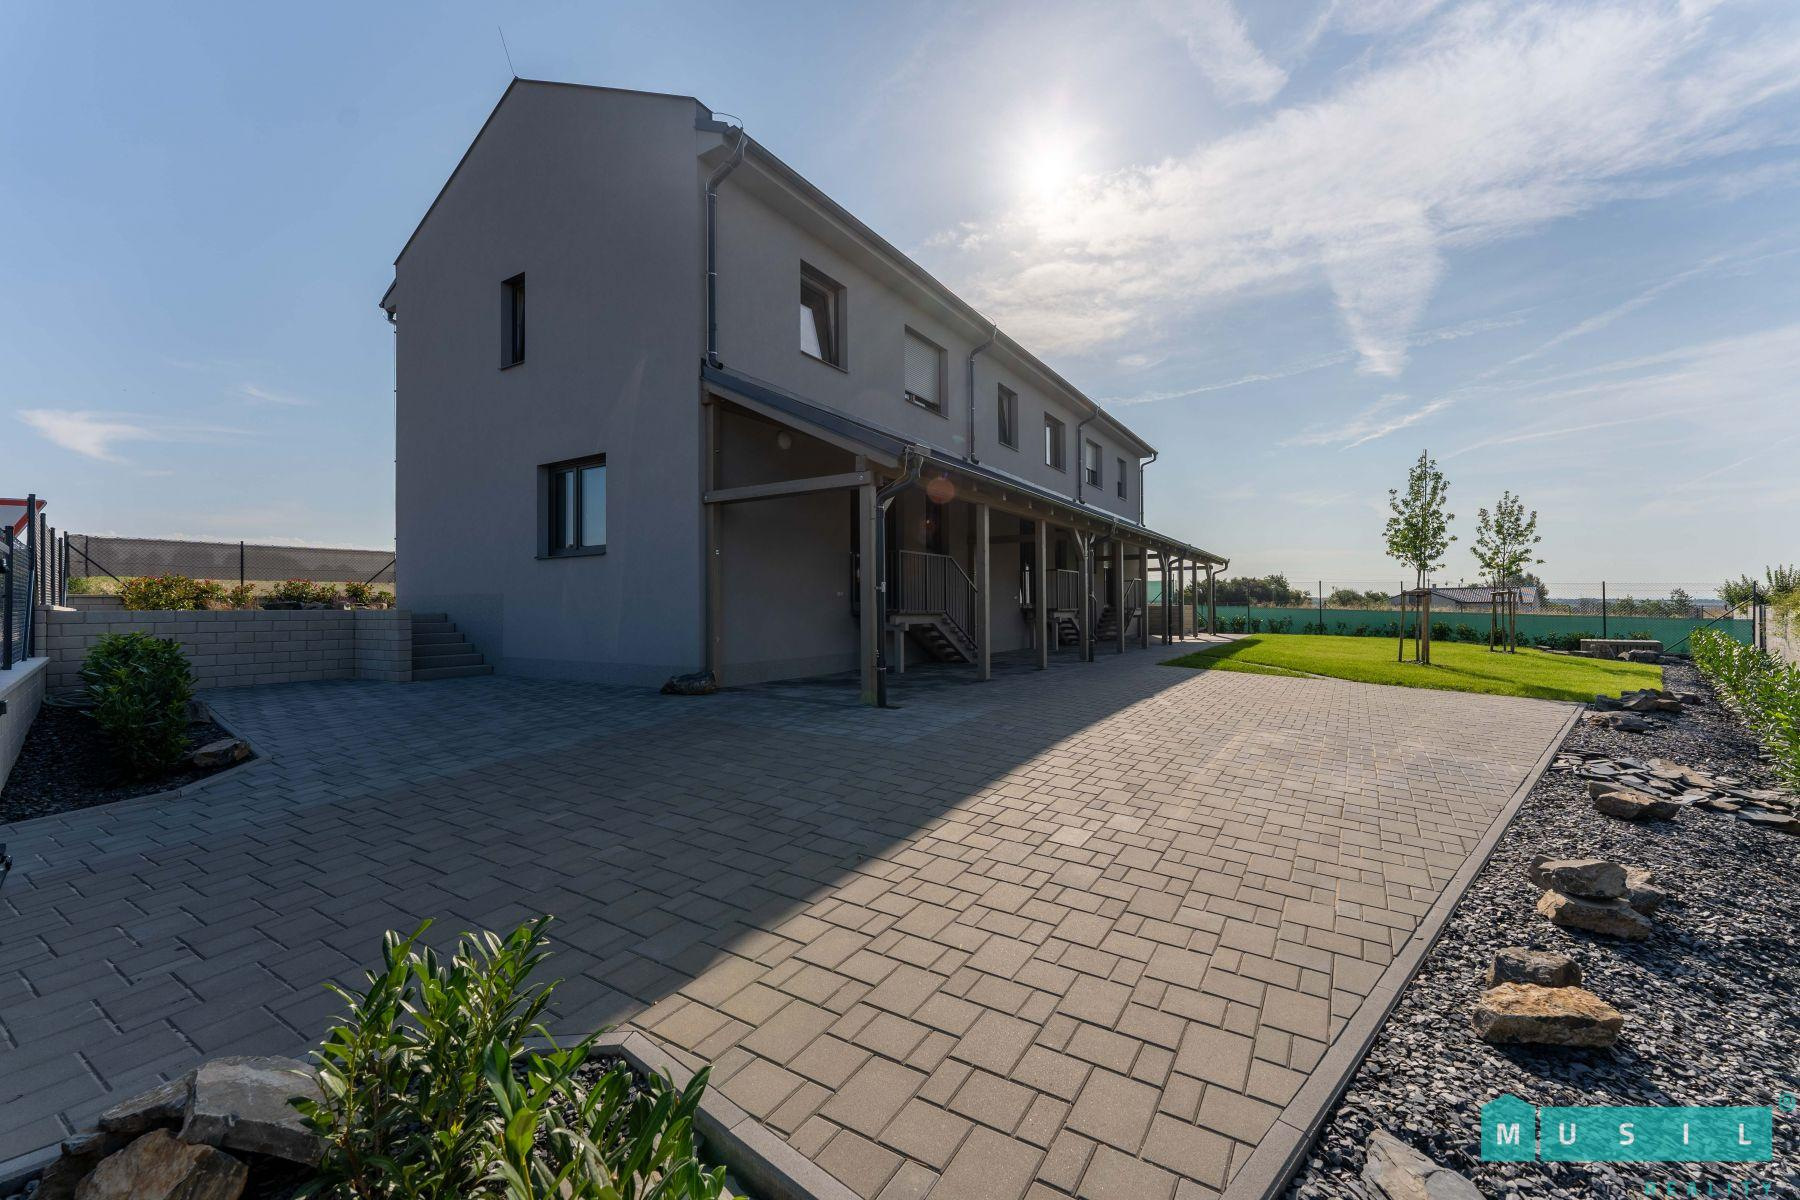 Pronájem luxusní novostavby rodinného domu s terasou a zahradou v Droždíně u Olomouce.